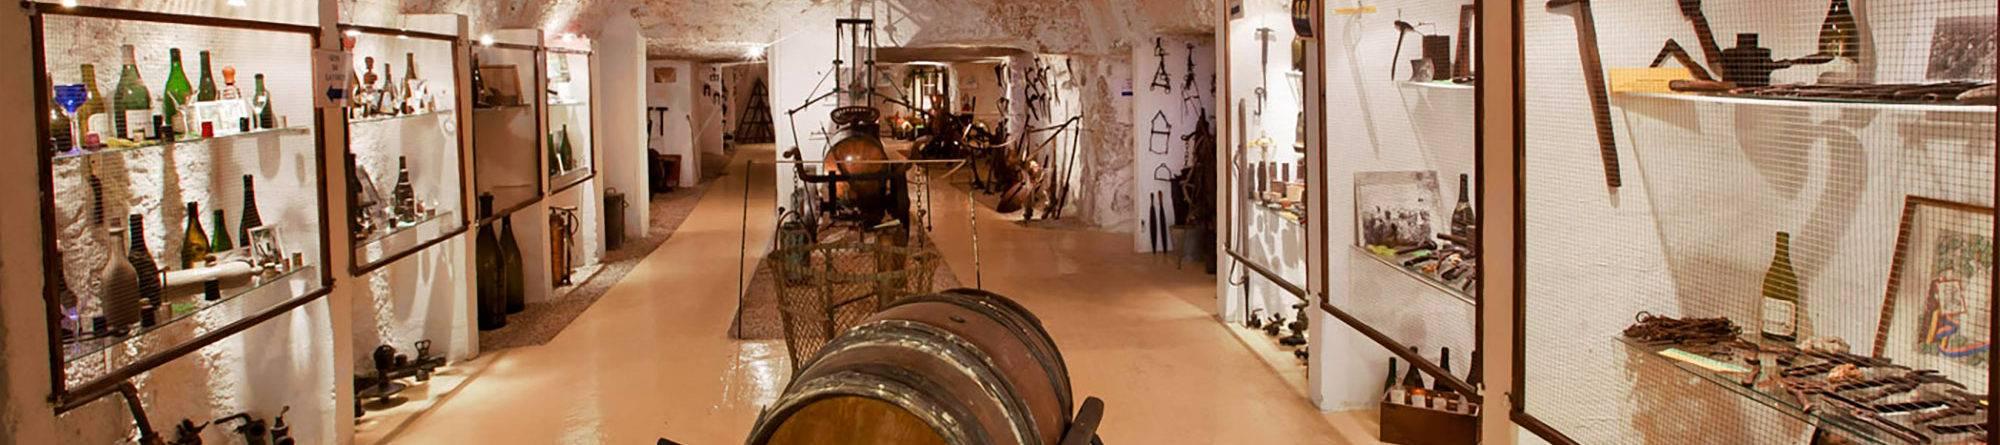 Bannière Musée - Château Moncontour